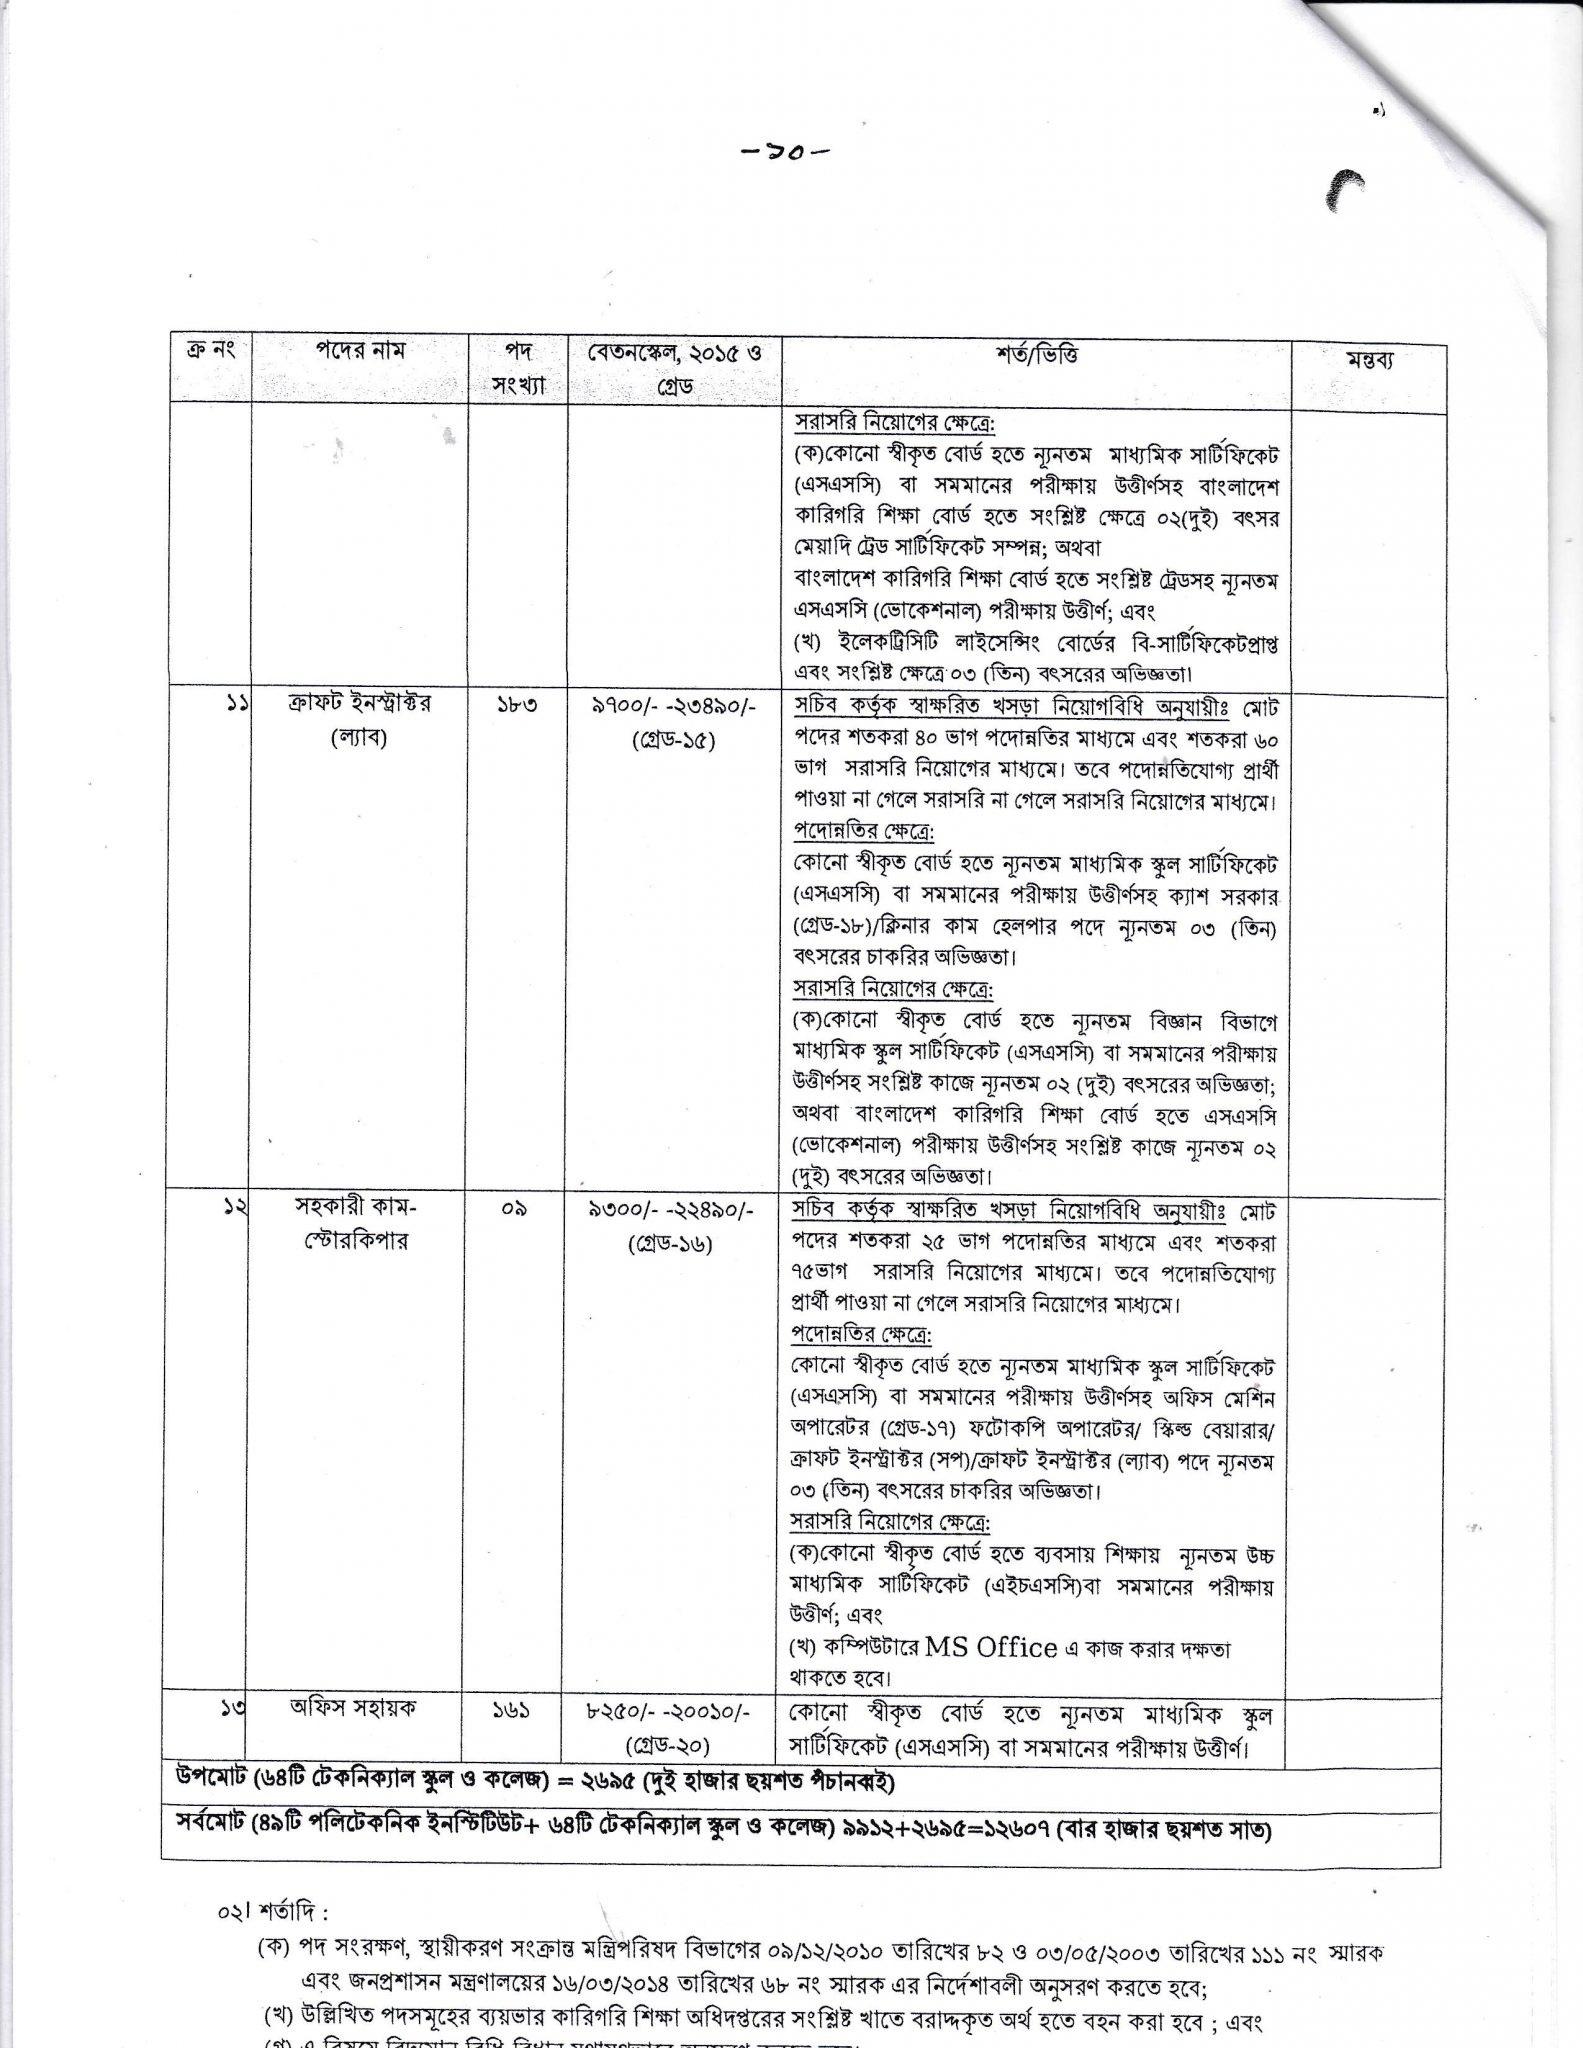 tmed-job-circular-2020-pdf-10